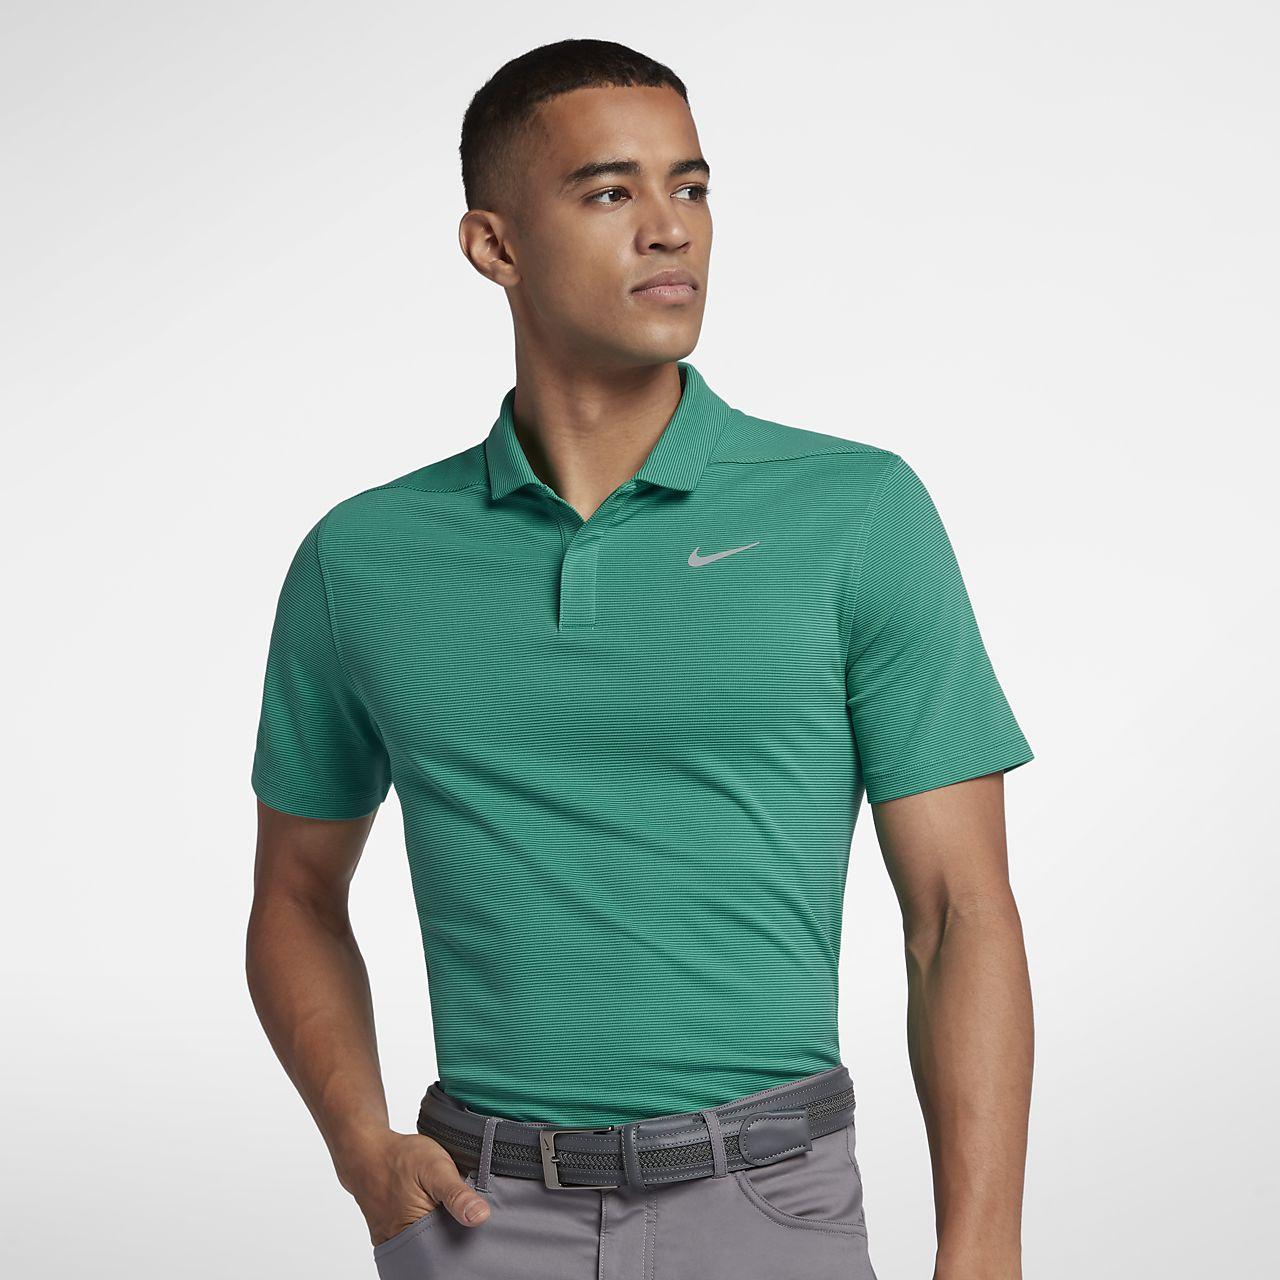 Polo de golfe Nike AeroReact Victory para homem. Nike.com PT 6c0ada0b113